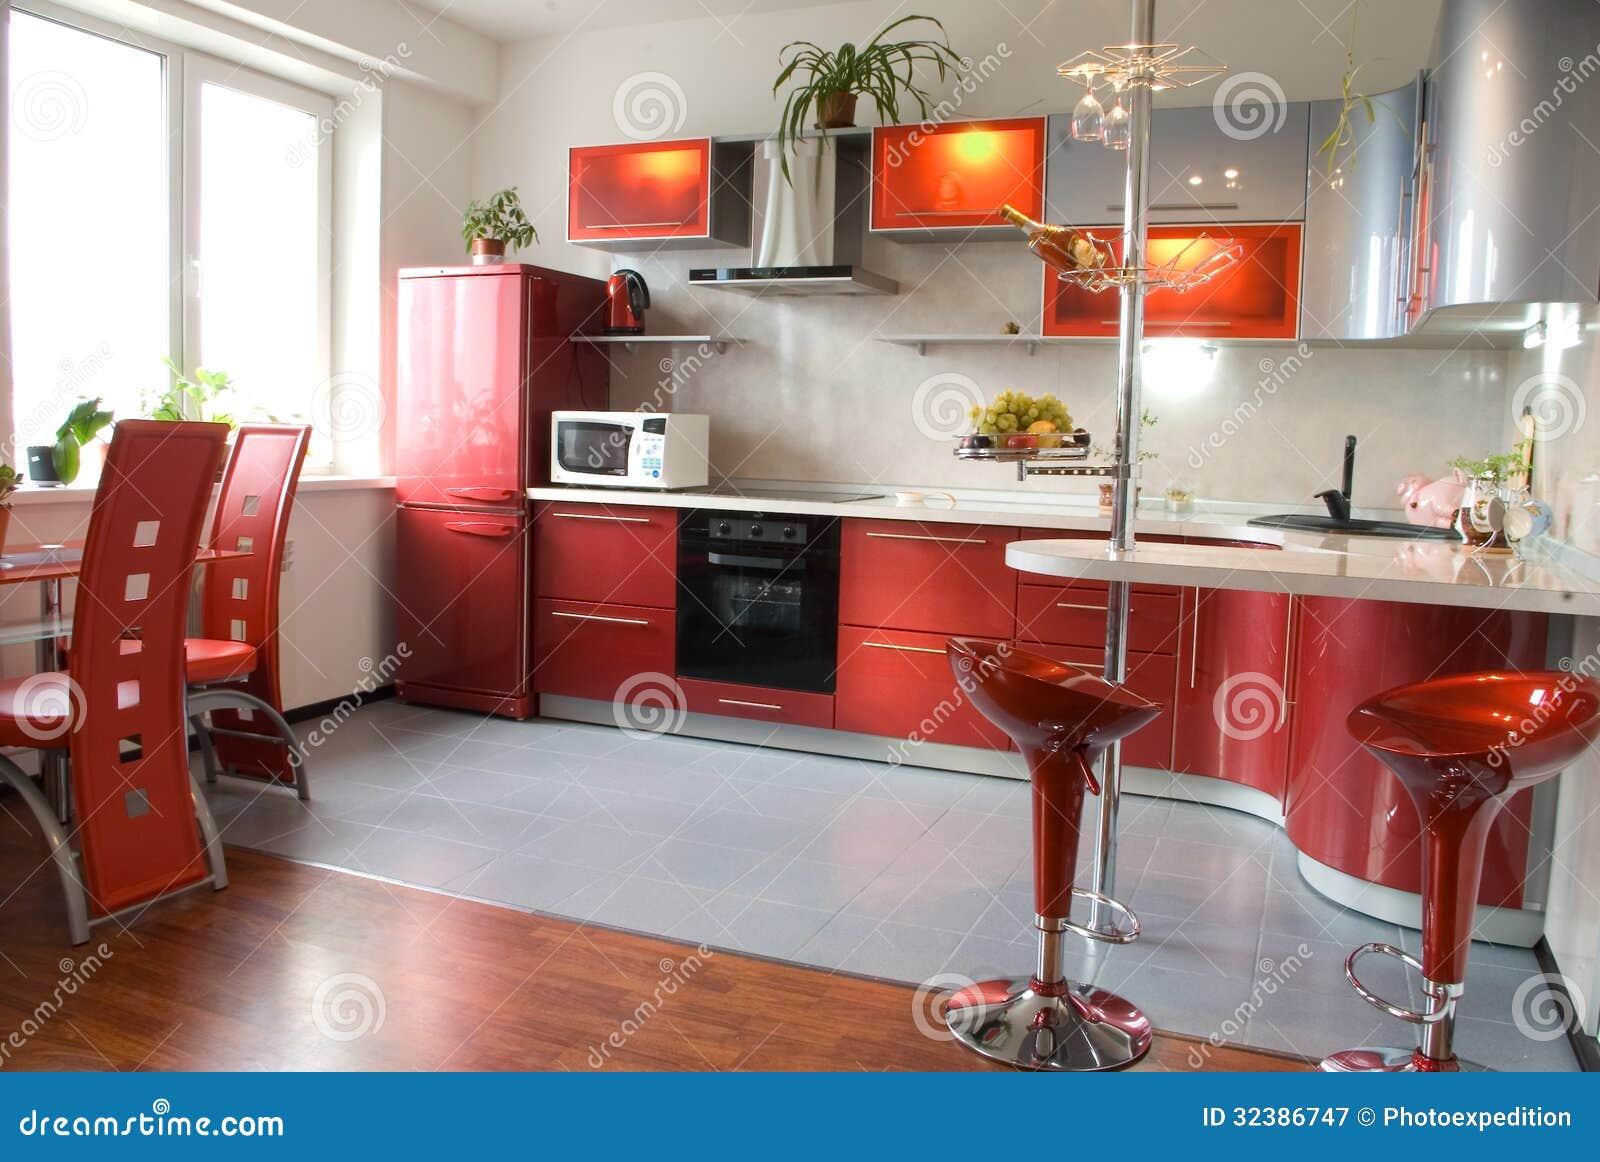 Interior de la cocina moderna con un contador de la barra for Barras de cocina modernas